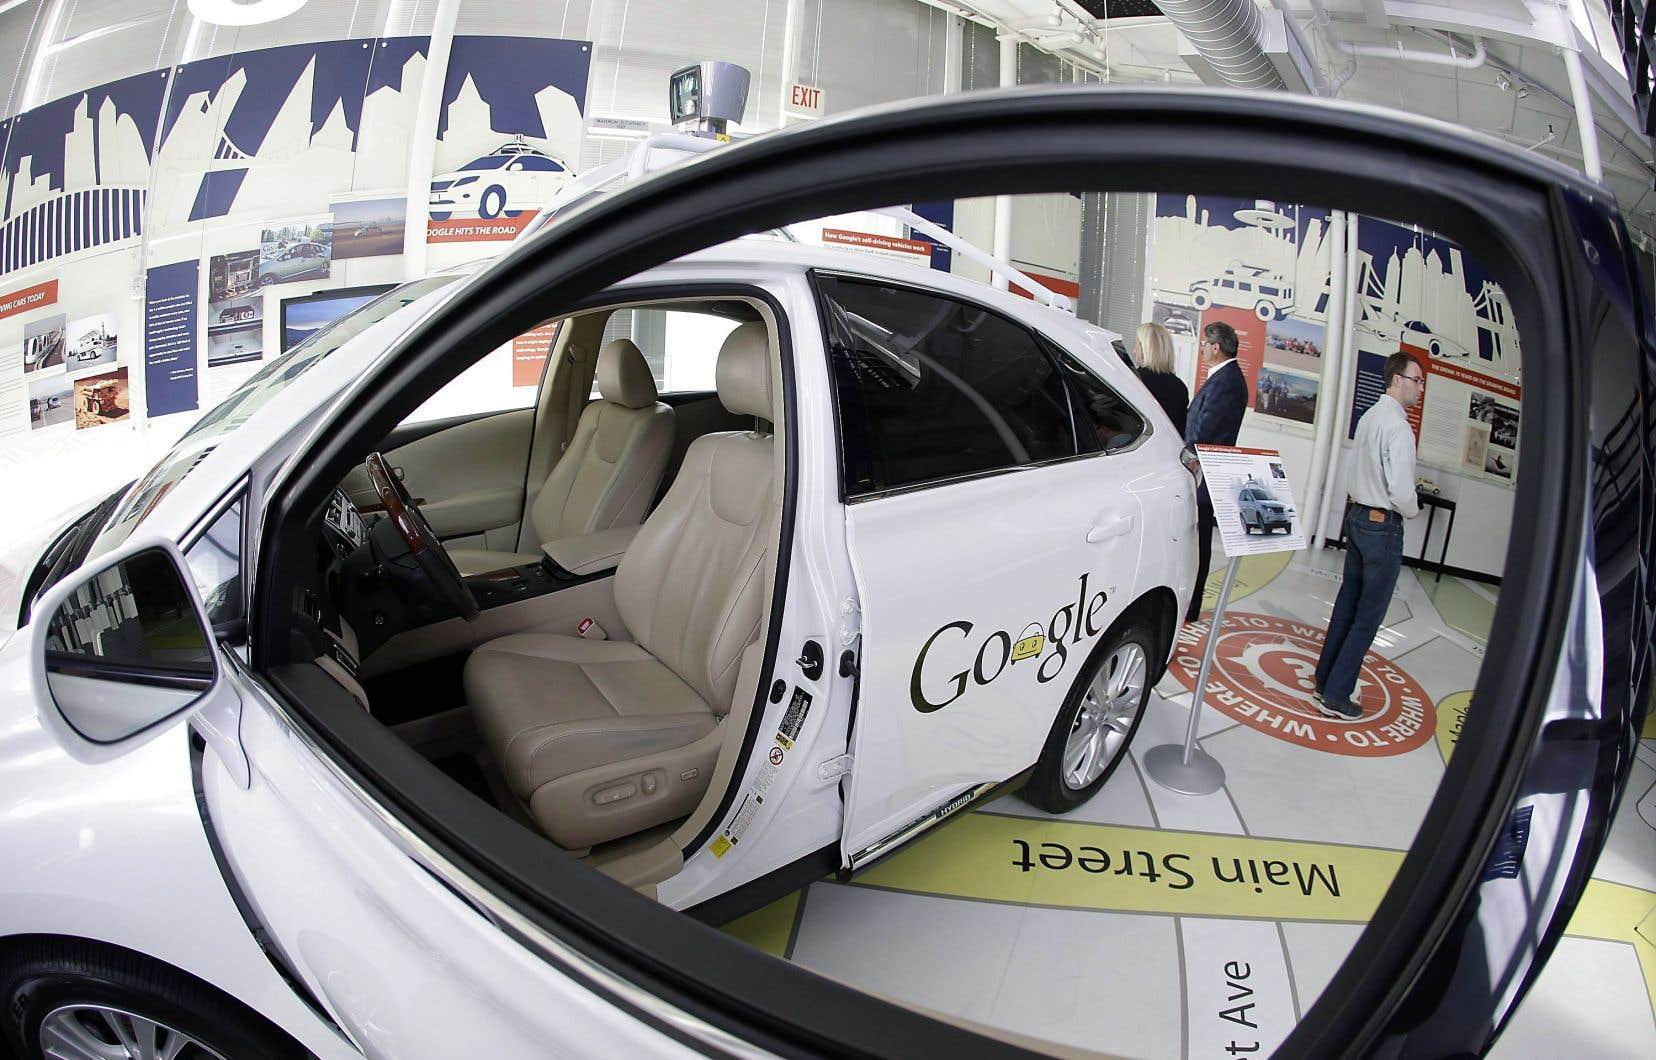 L'arrivée sur le marché de voitures autonomes, comme celle de Google, forcera les assureurs à mieux déterminer la responsabilité lors d'accidents.